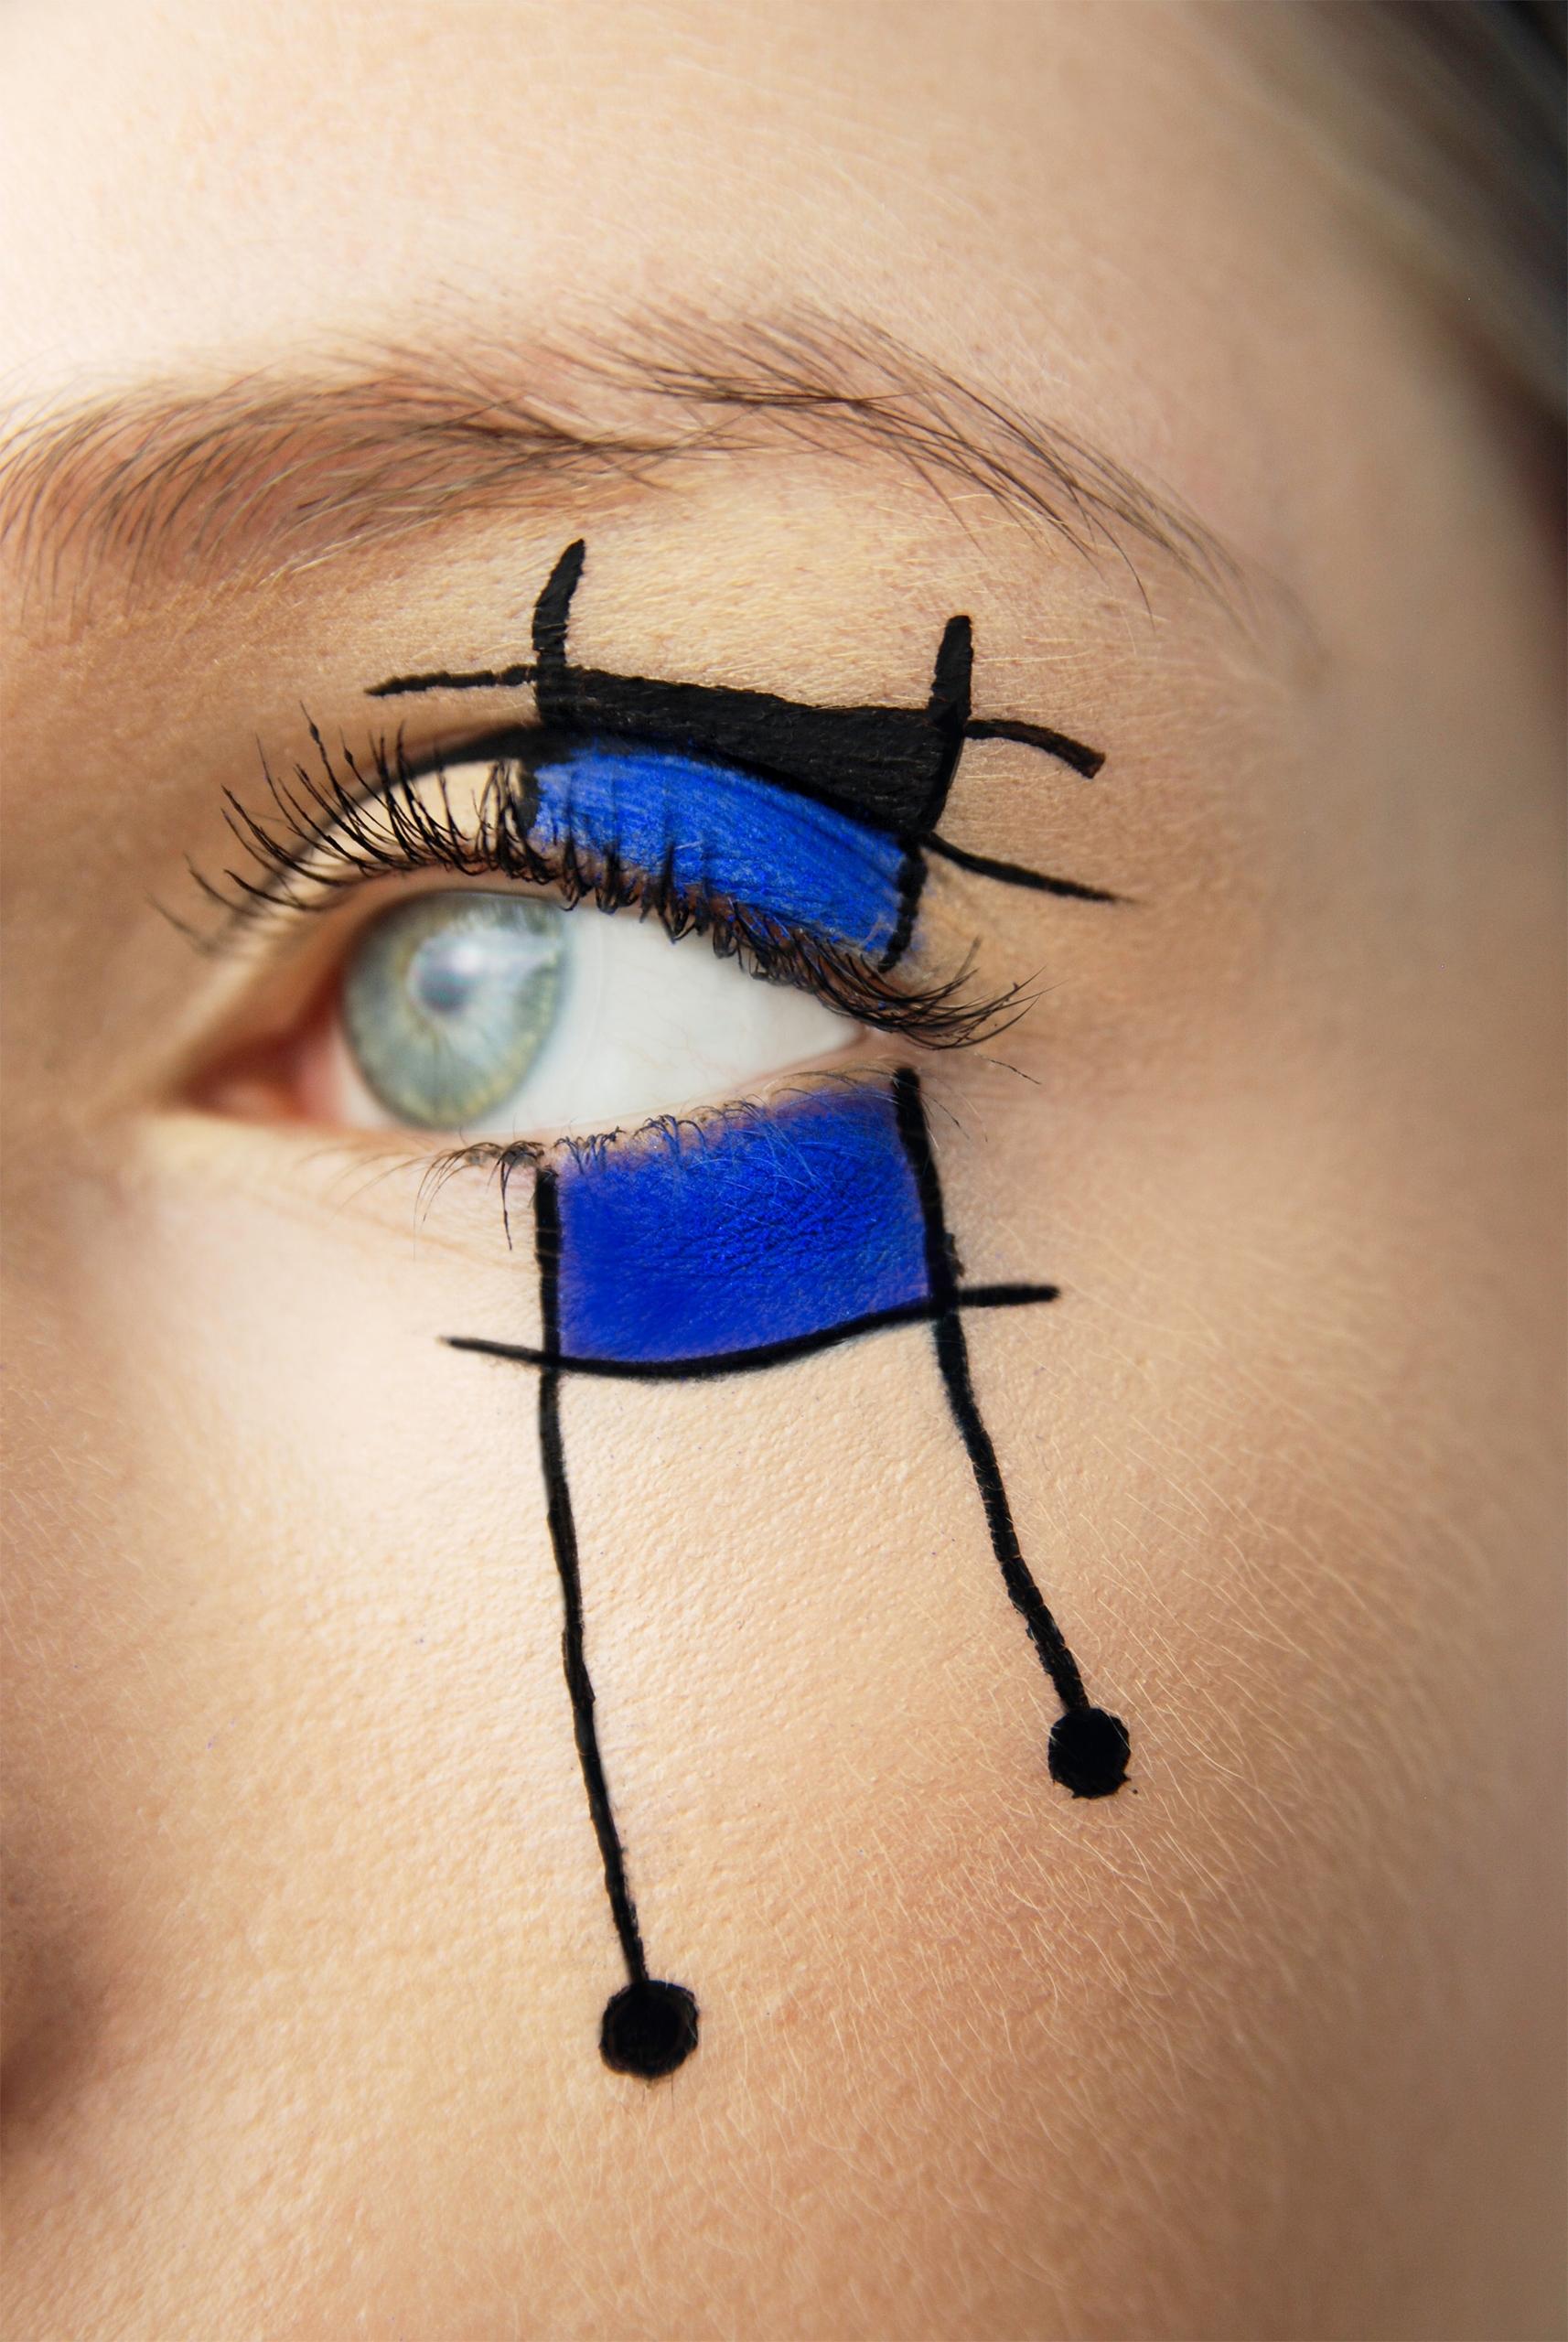 Zdjęcie przedstawia zbliżenie na oko pomalowane w geometryczne czarno-niebieskie kształty.